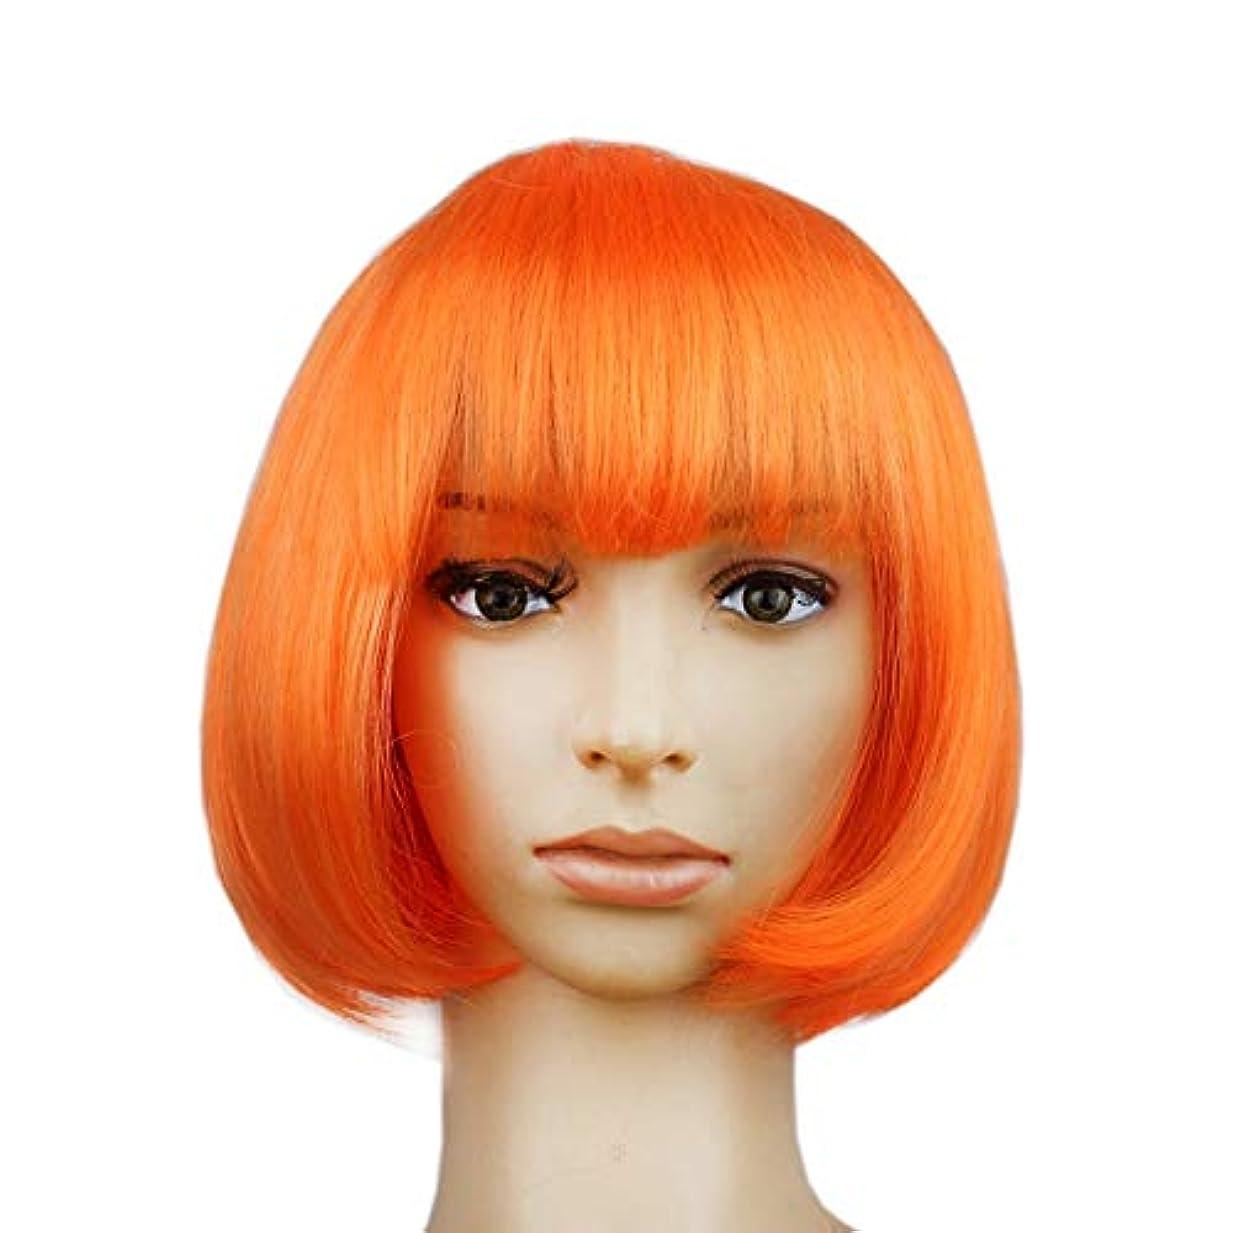 偽善マーベルエチケットWTYD 美容ヘアツール パーティーコスプレヘッドウエアストレートショートペットウィッグ (色 : オレンジ)